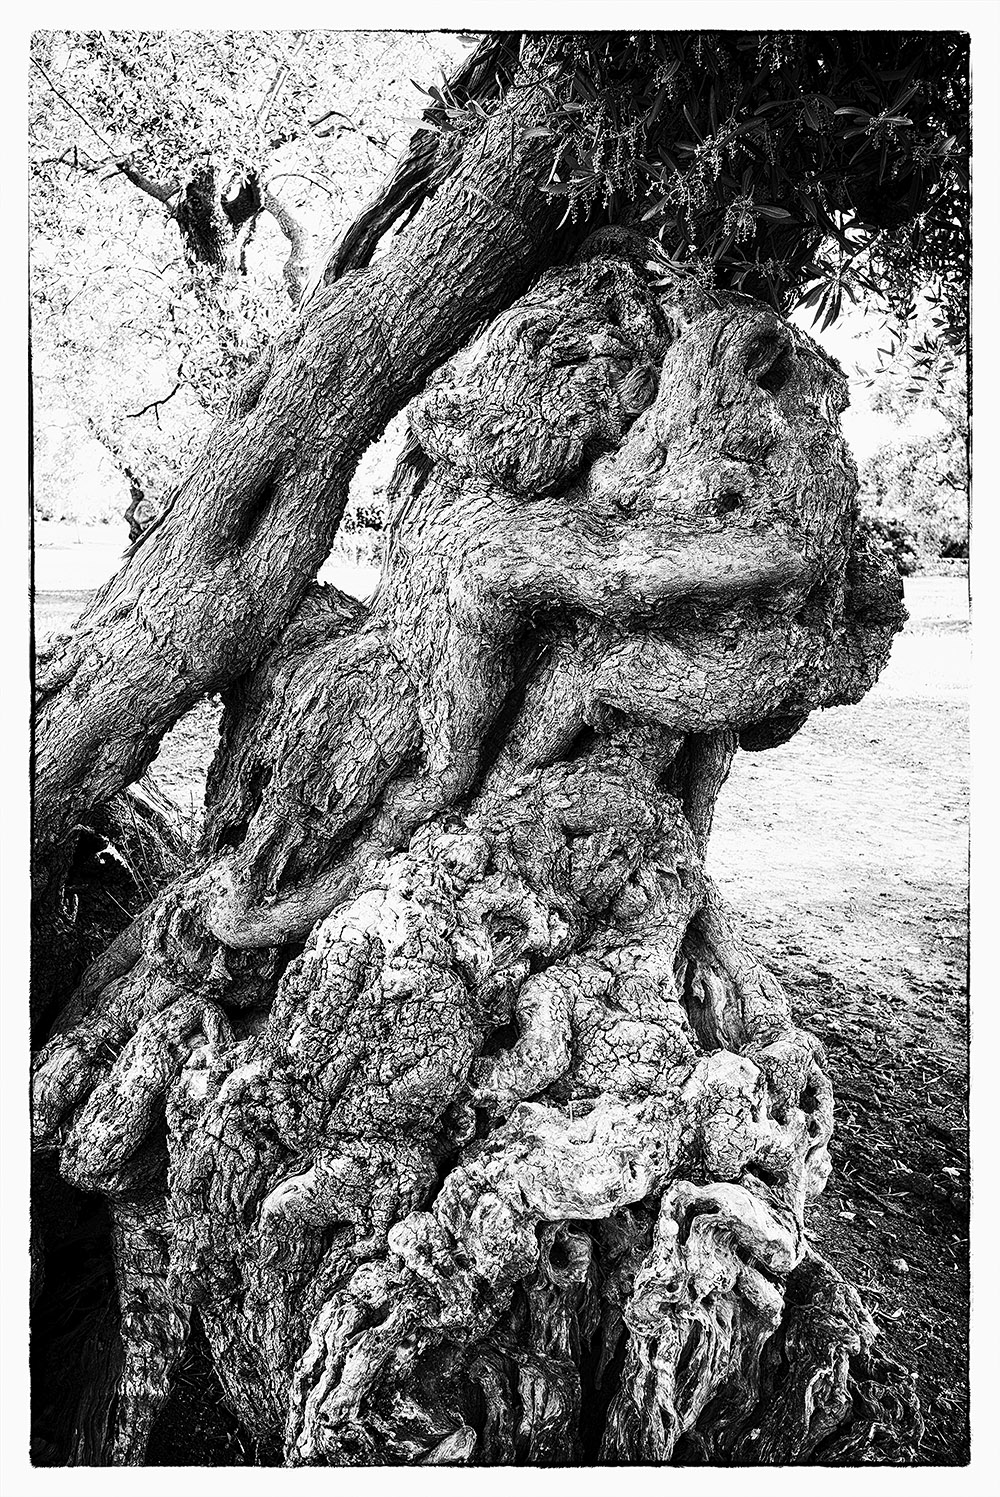 Fotowerk Naturfotografie - knorrige Rinde